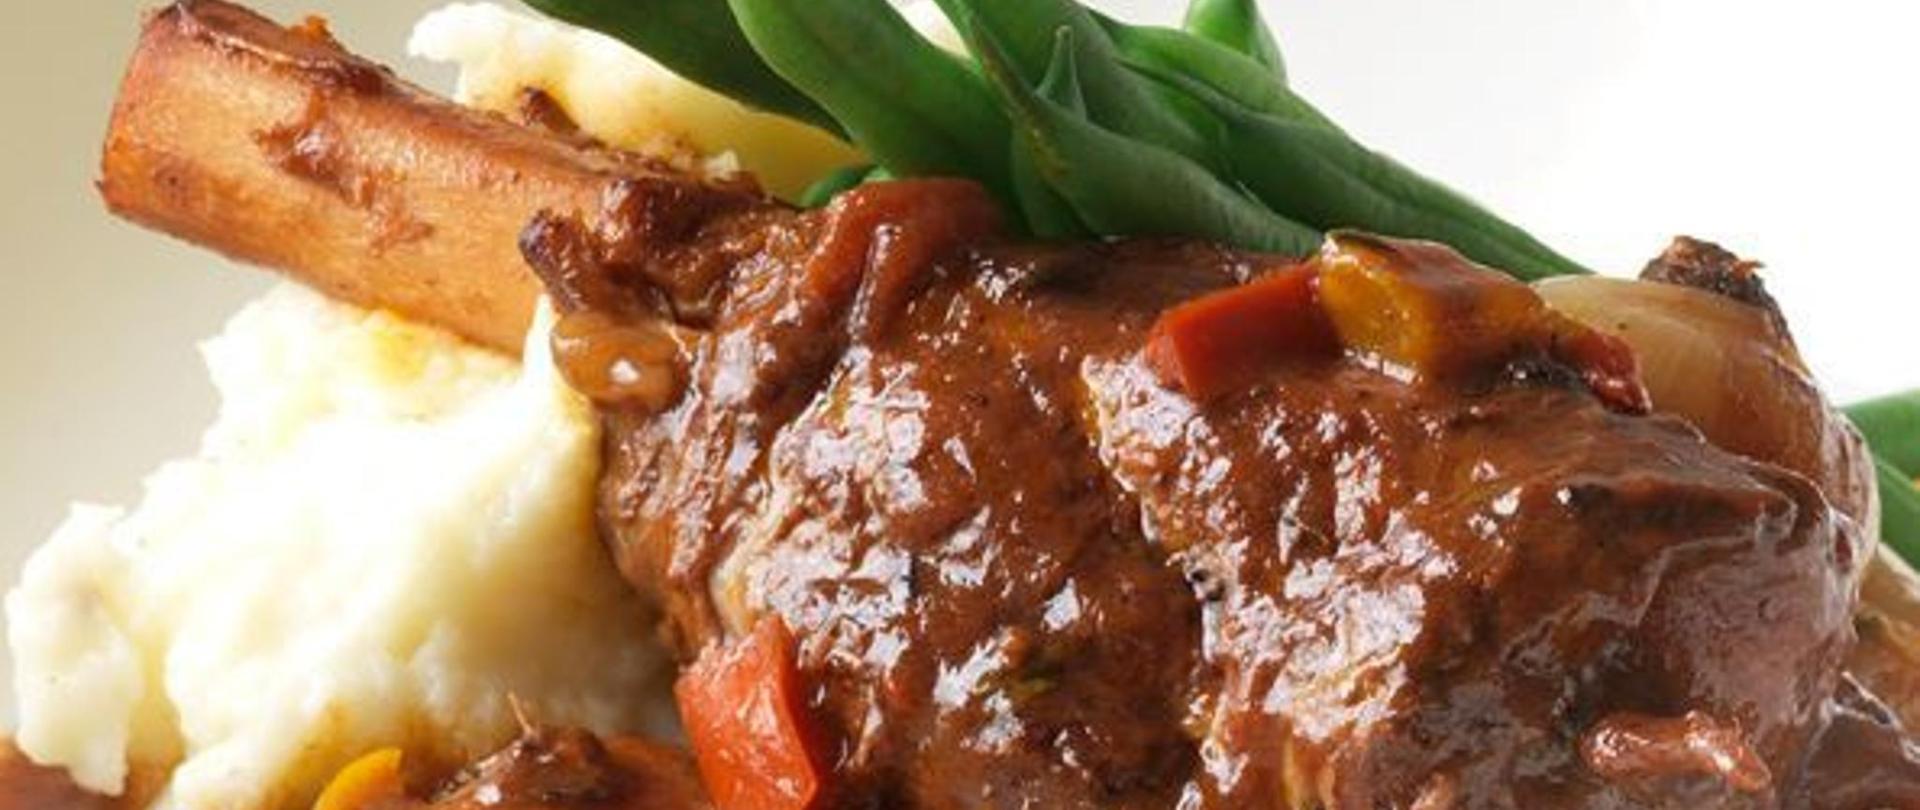 italian-style-lamb-shanks-.jpg